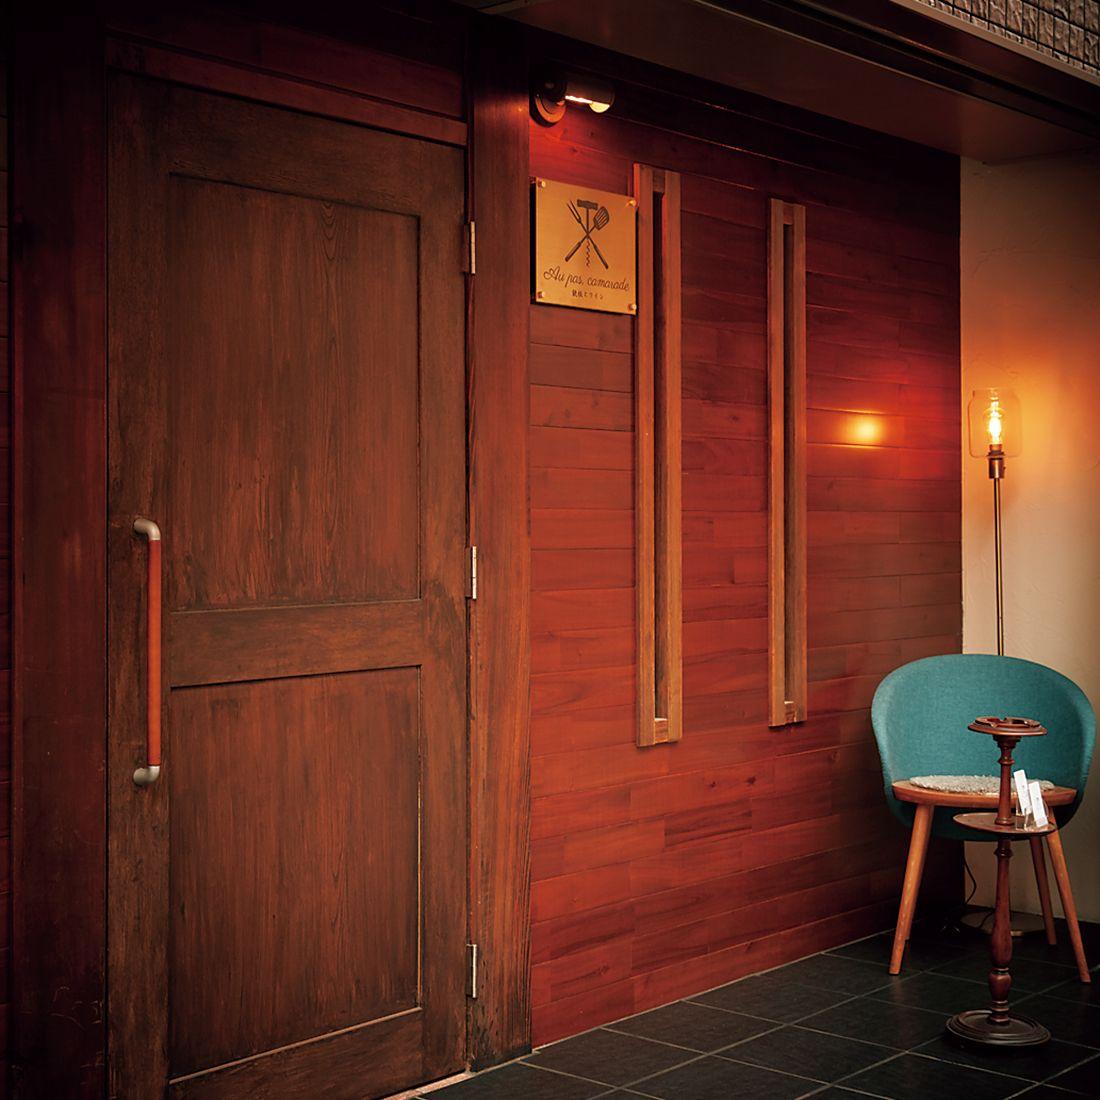 フレンチビストロのような、それでいてどこか日本家屋の雰囲気も醸す店構え。